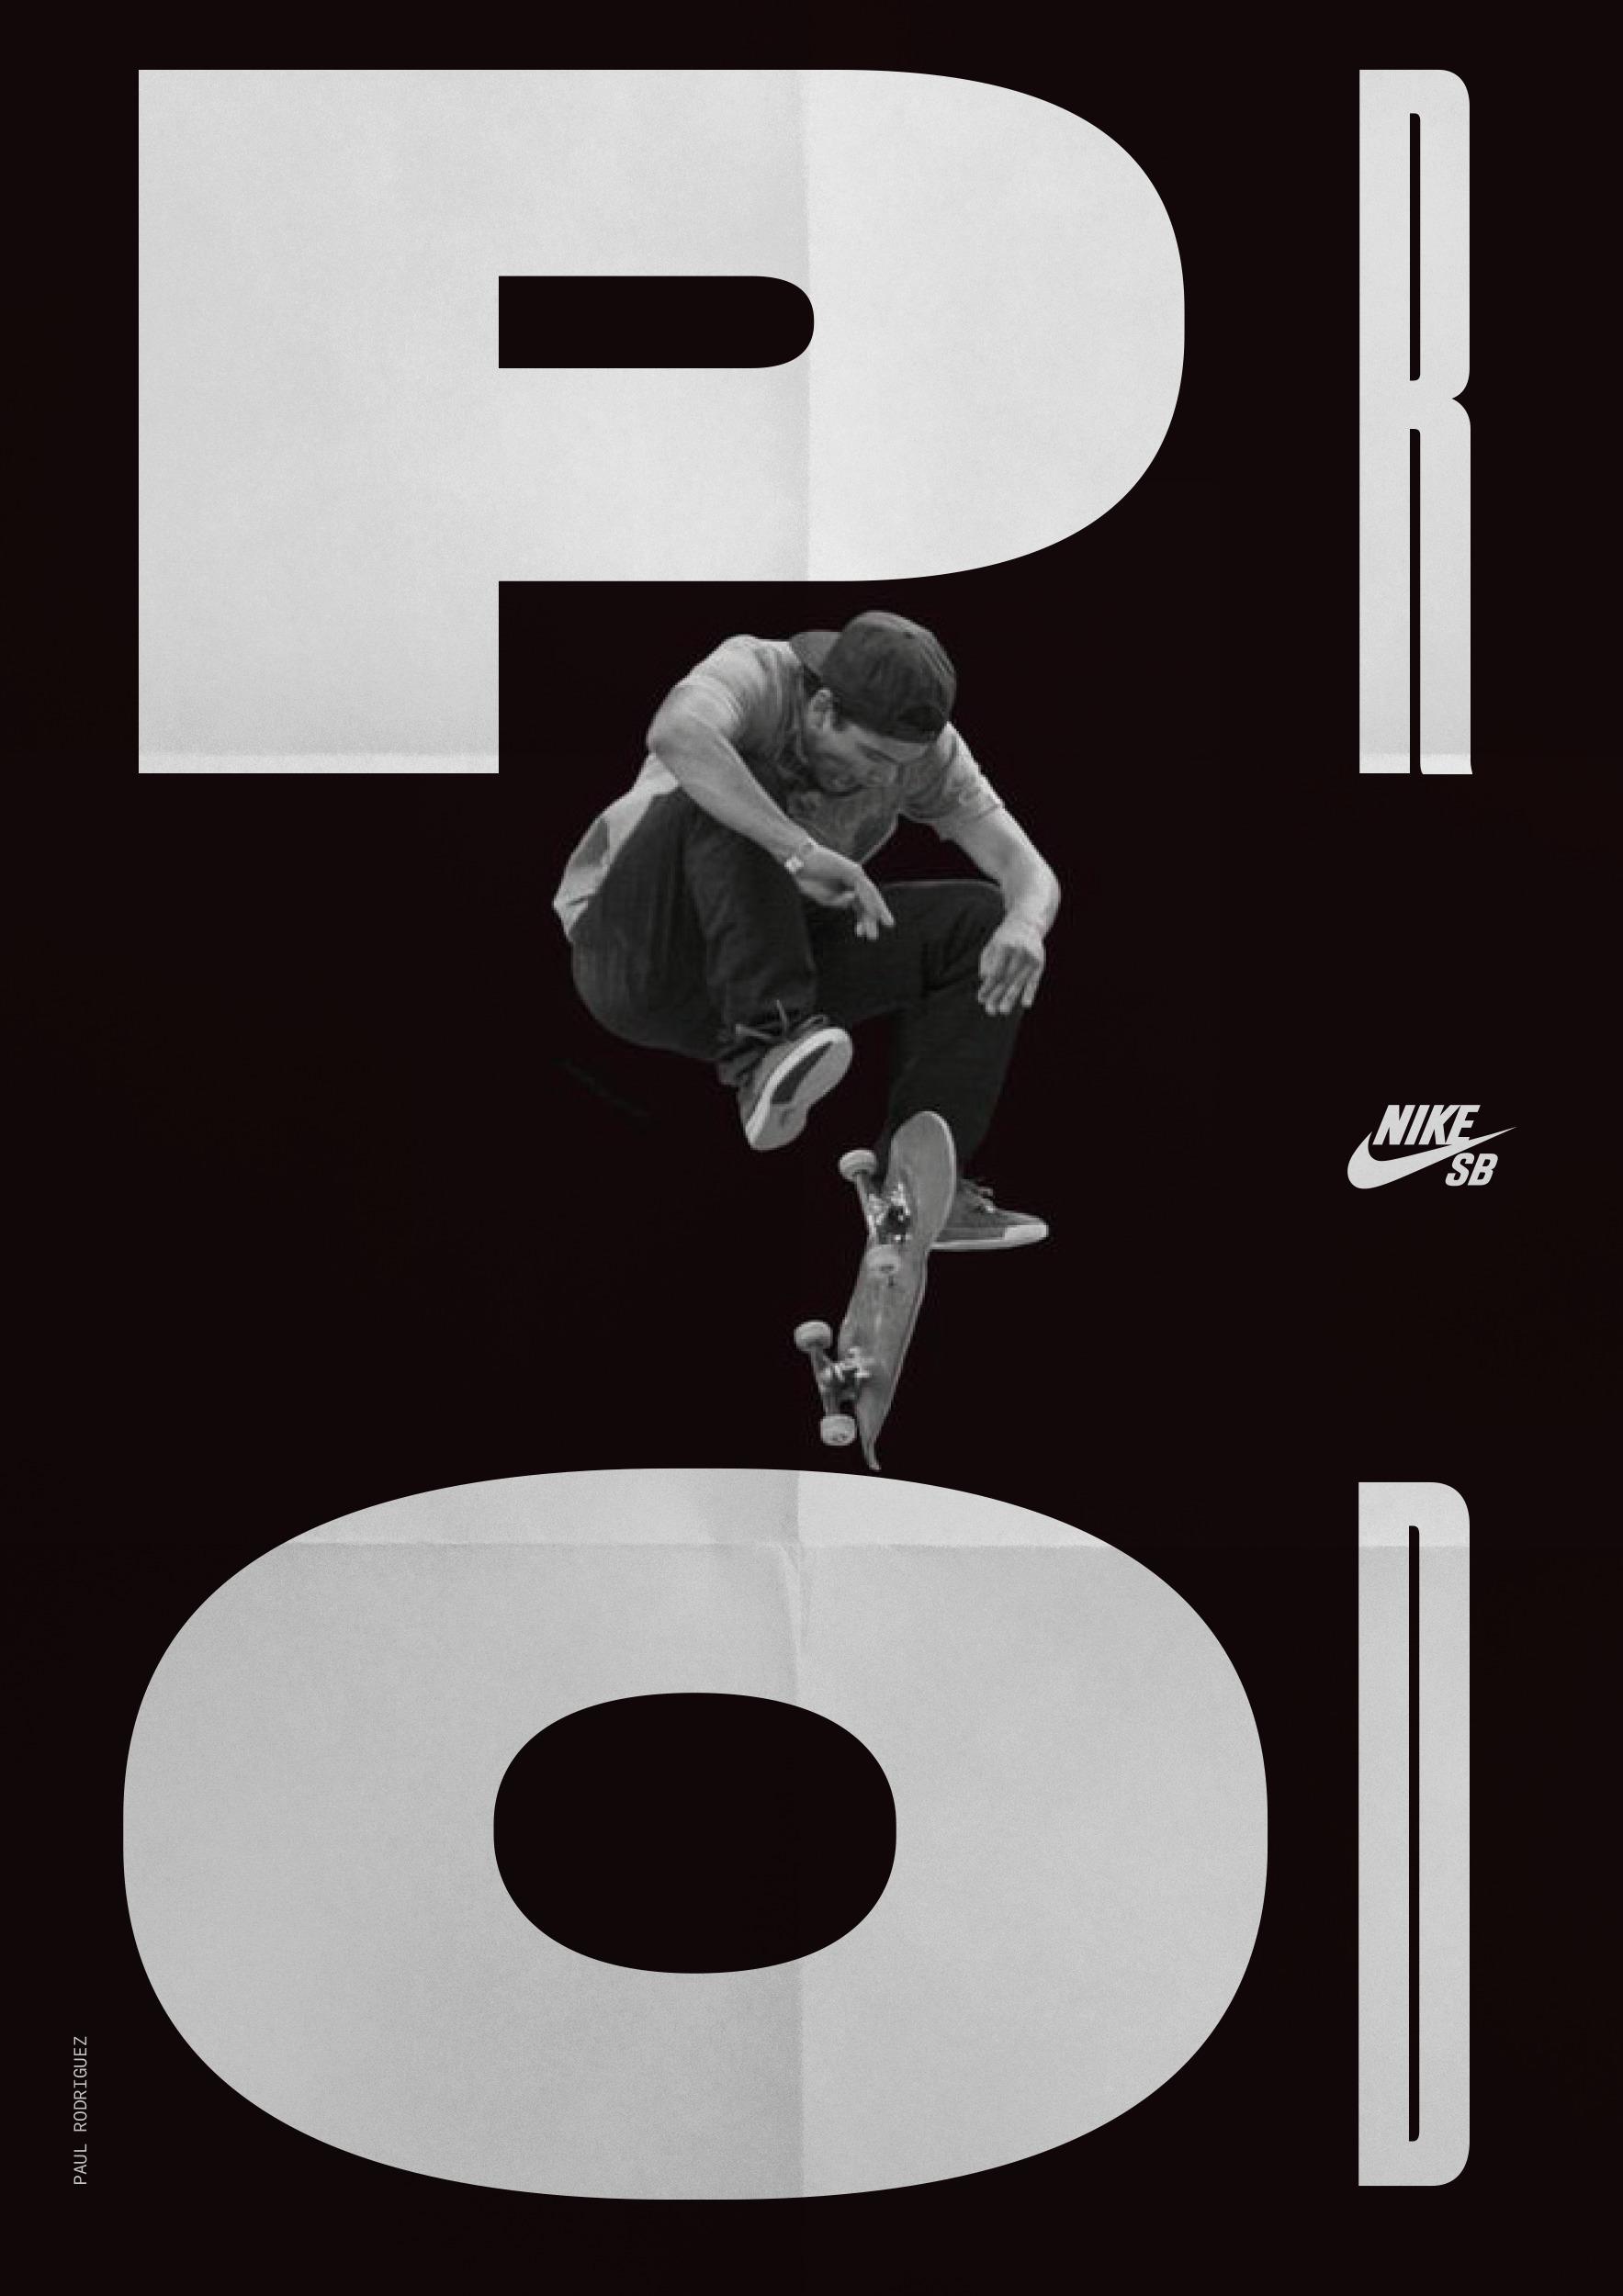 Paul Rodriguez. Nike SB - luiscoderque | ello